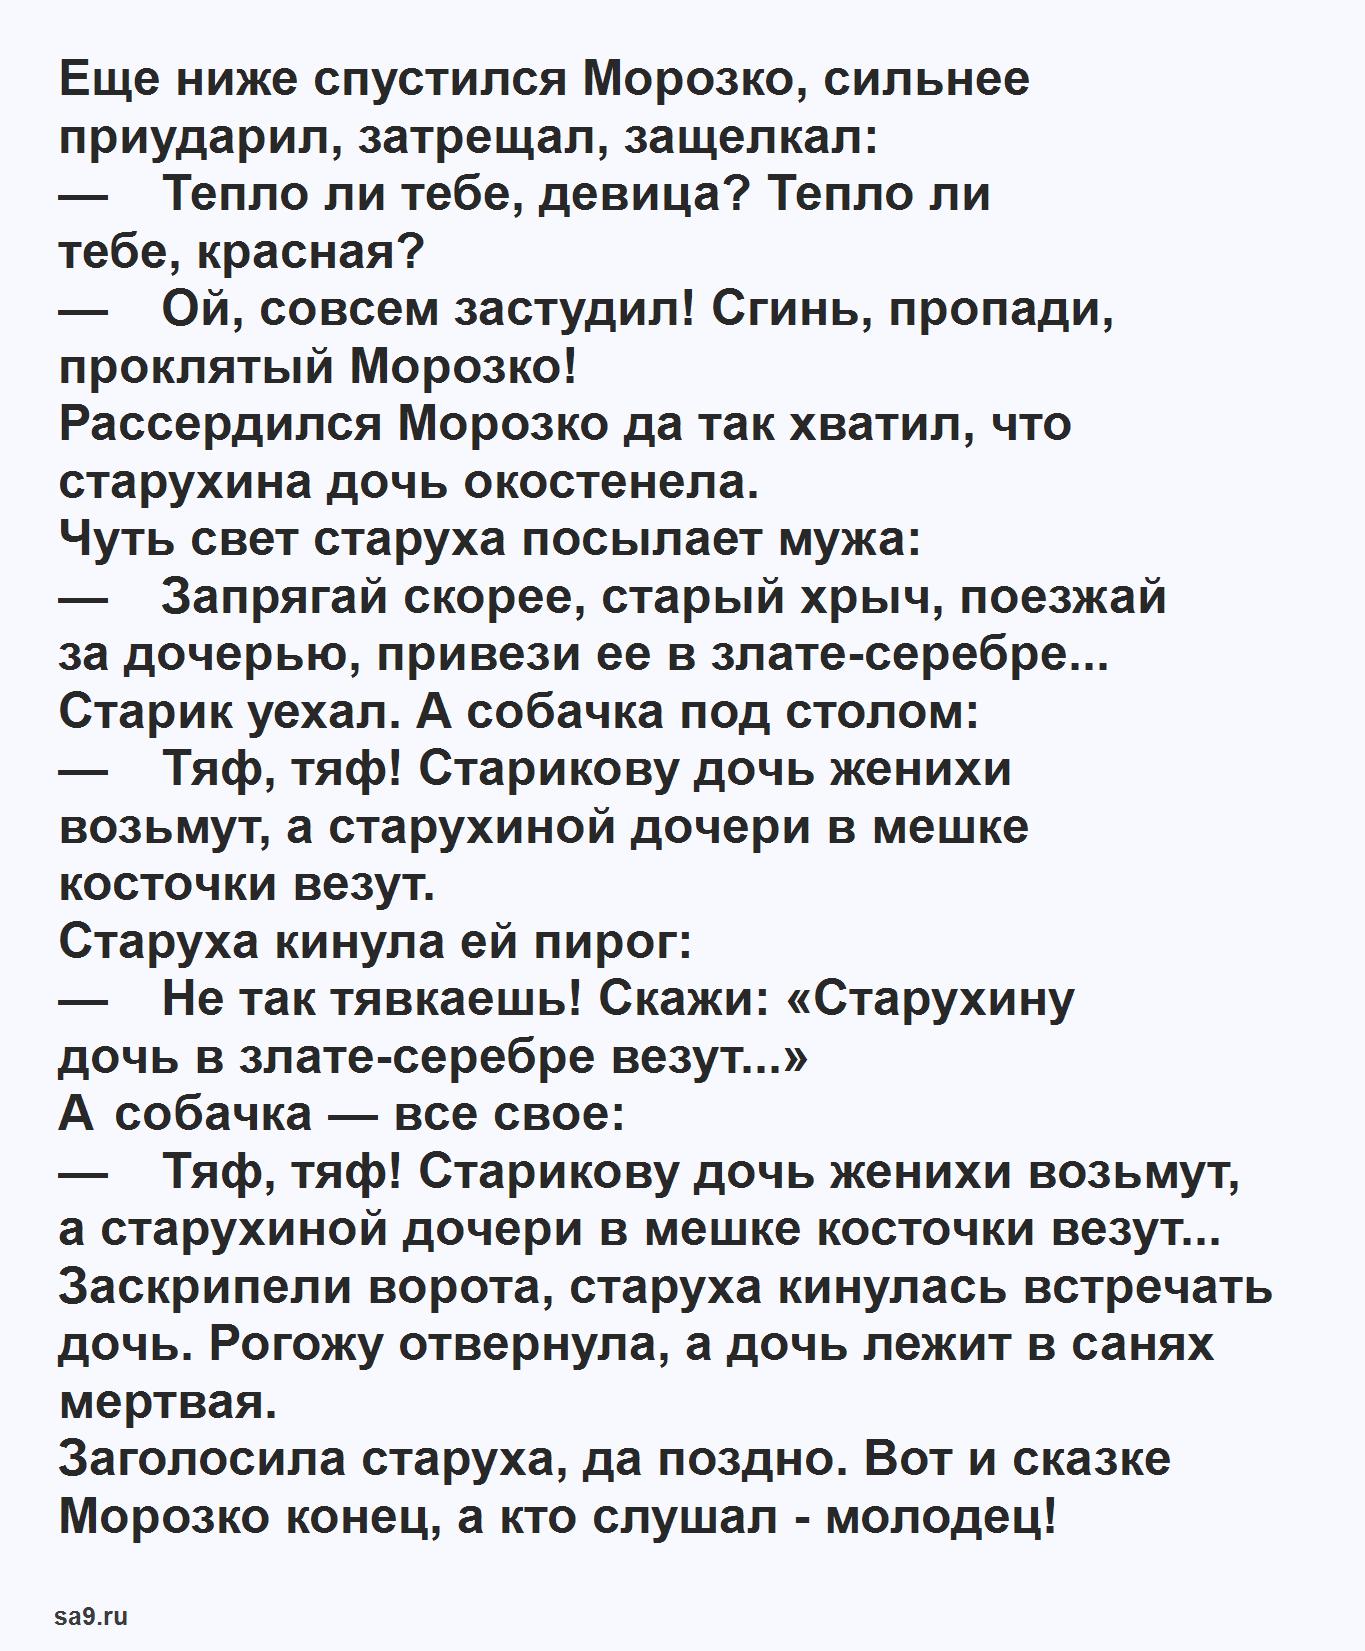 Морозко - русская народная сказка, читать полностью